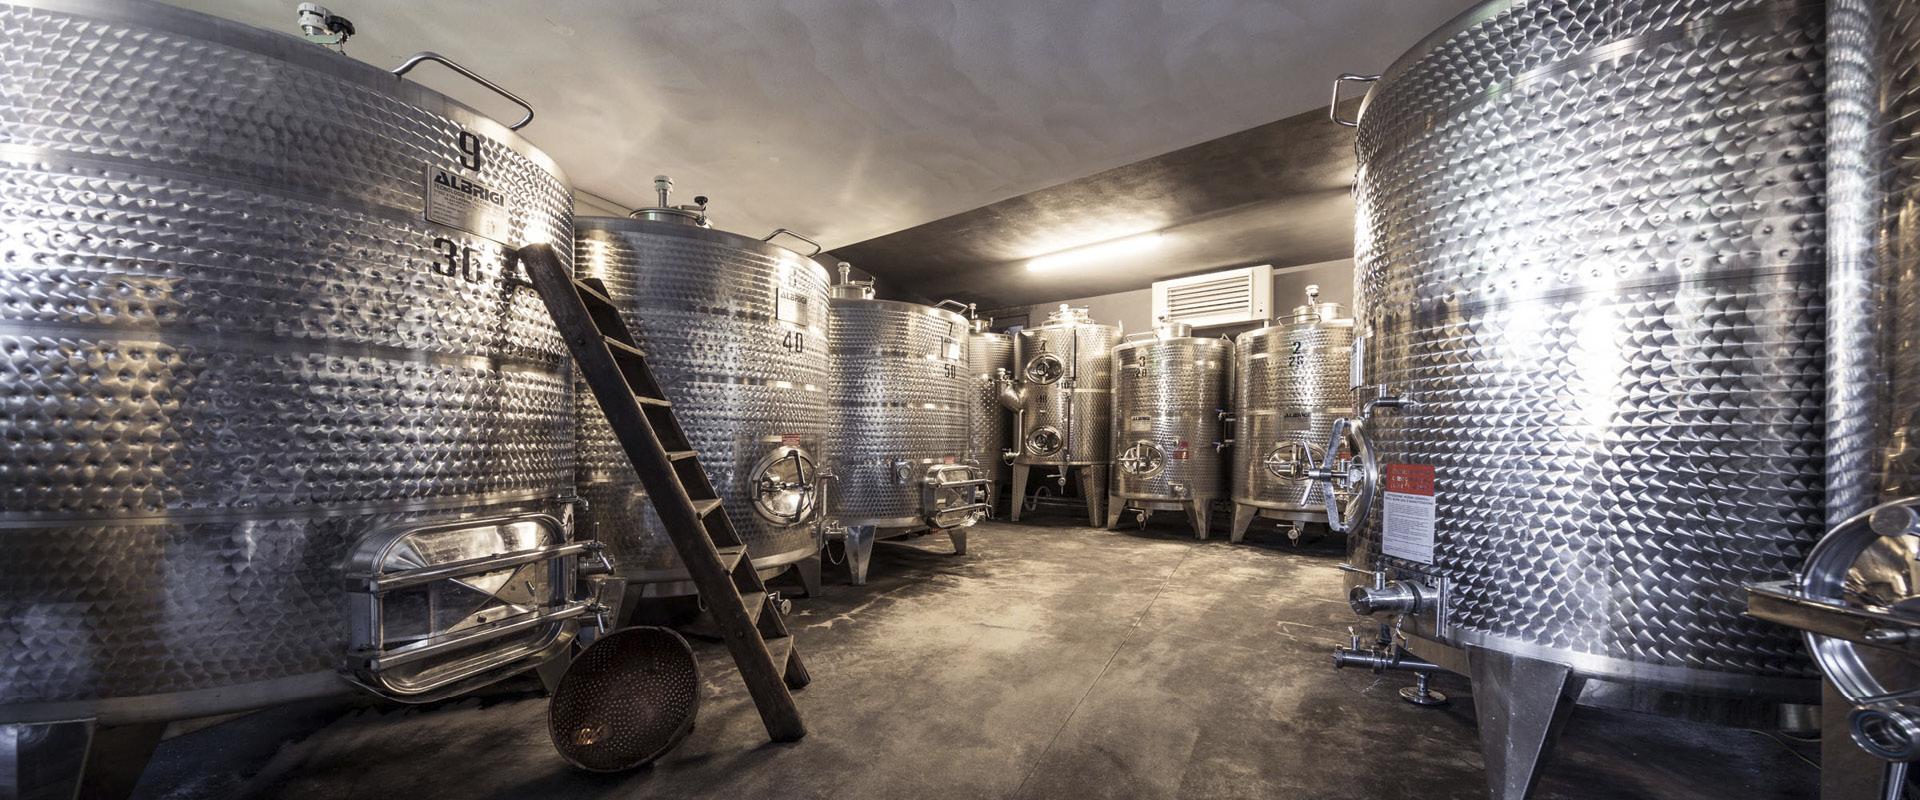 Stahlfaesser Weingut Dona